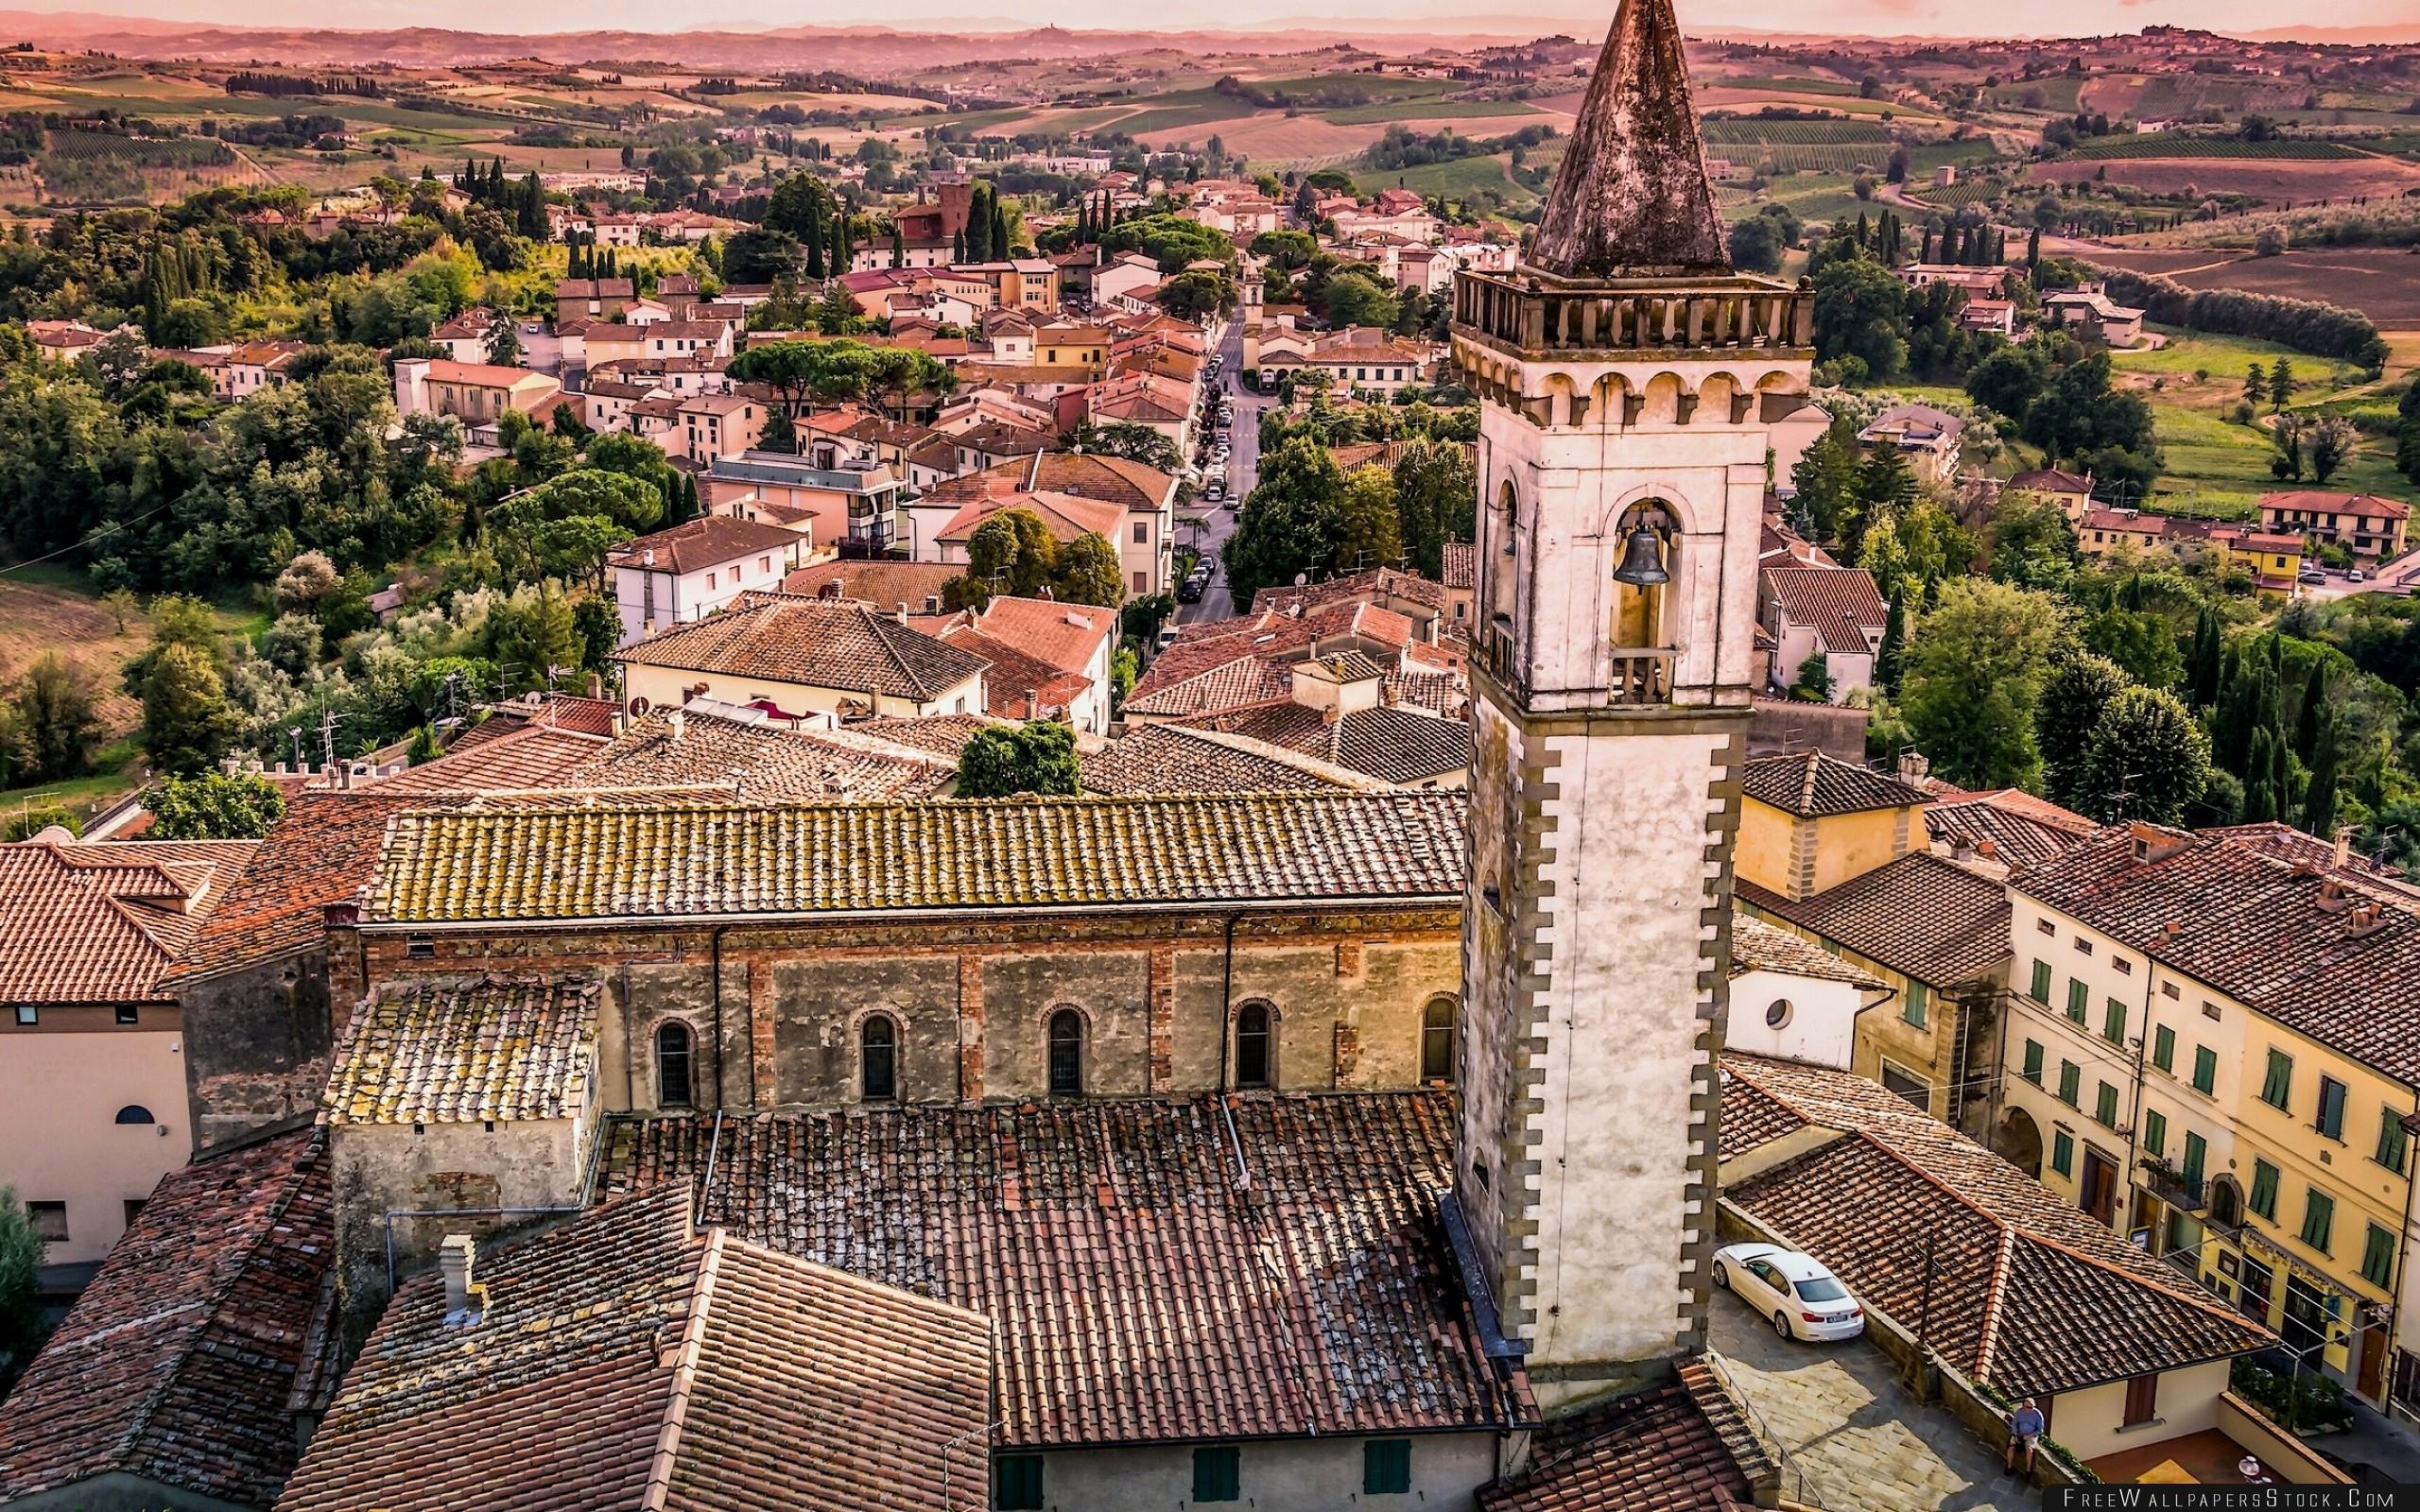 Download Free Wallpaper Vinci Tuscany Italy Church   Santa Croce